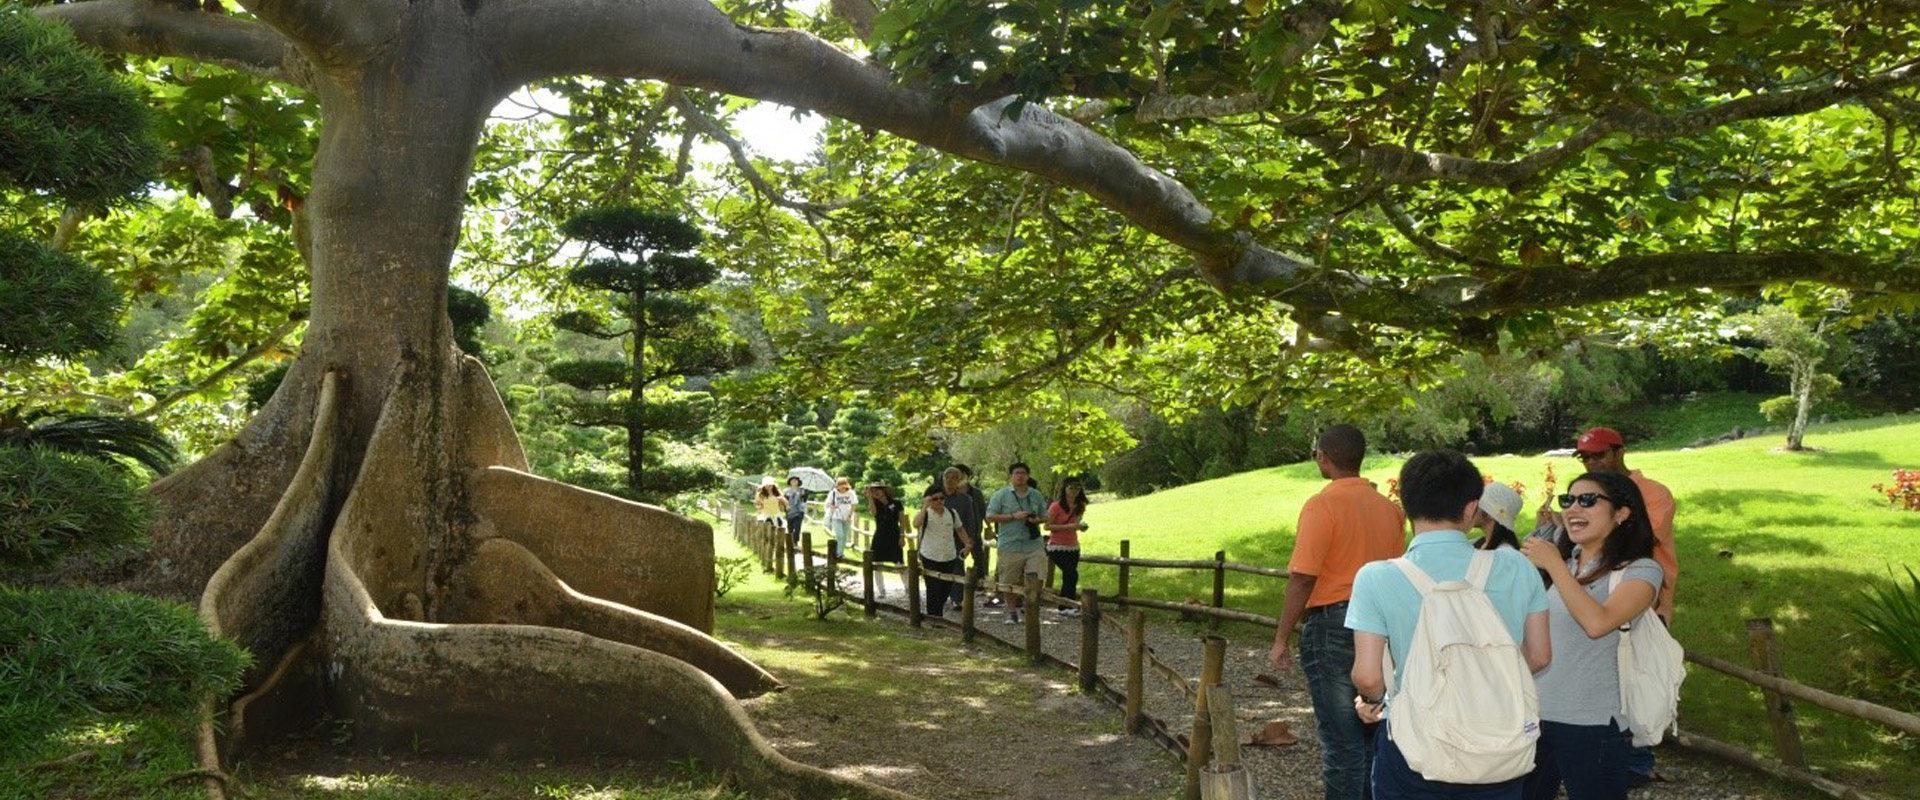 Se inicia el xiii festival nacional de plantas y flores en for Jardin botanico en sevilla